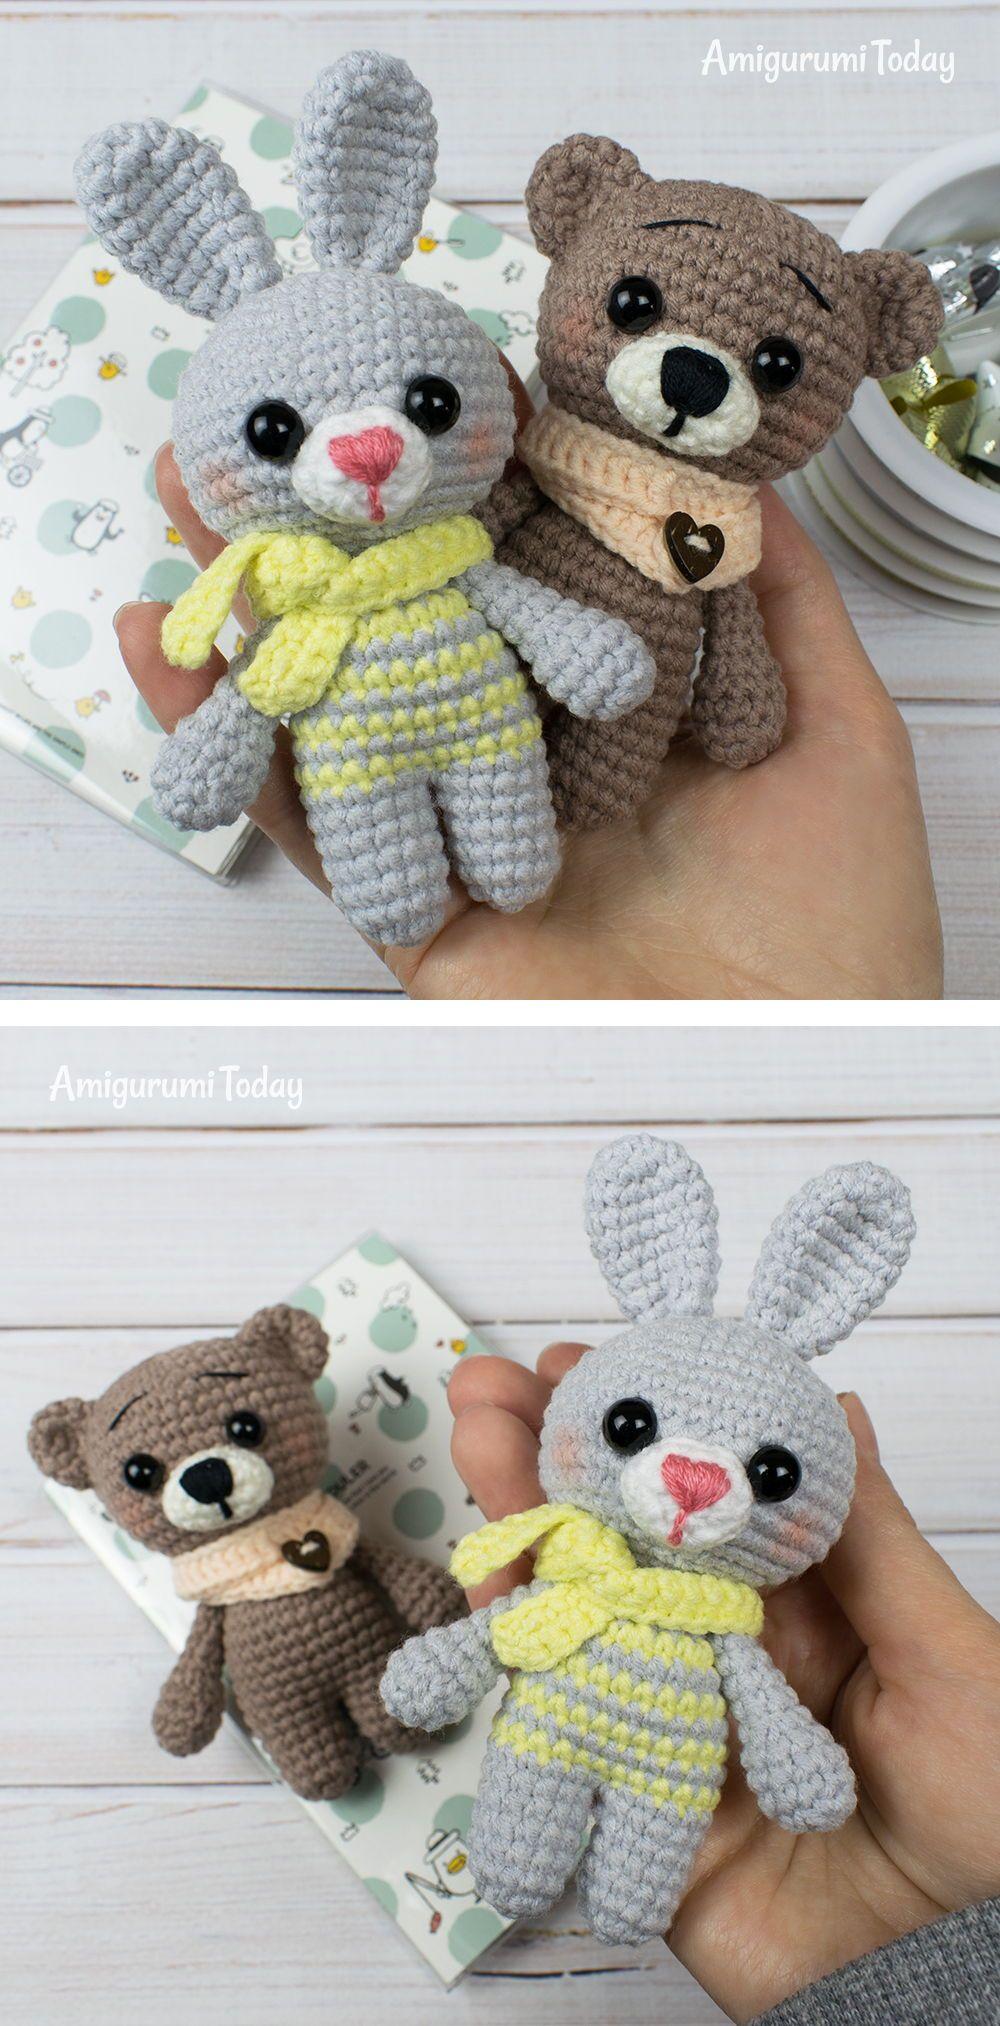 Tiny elephant amigurumi pattern - Amigurumi Today   2026x1000